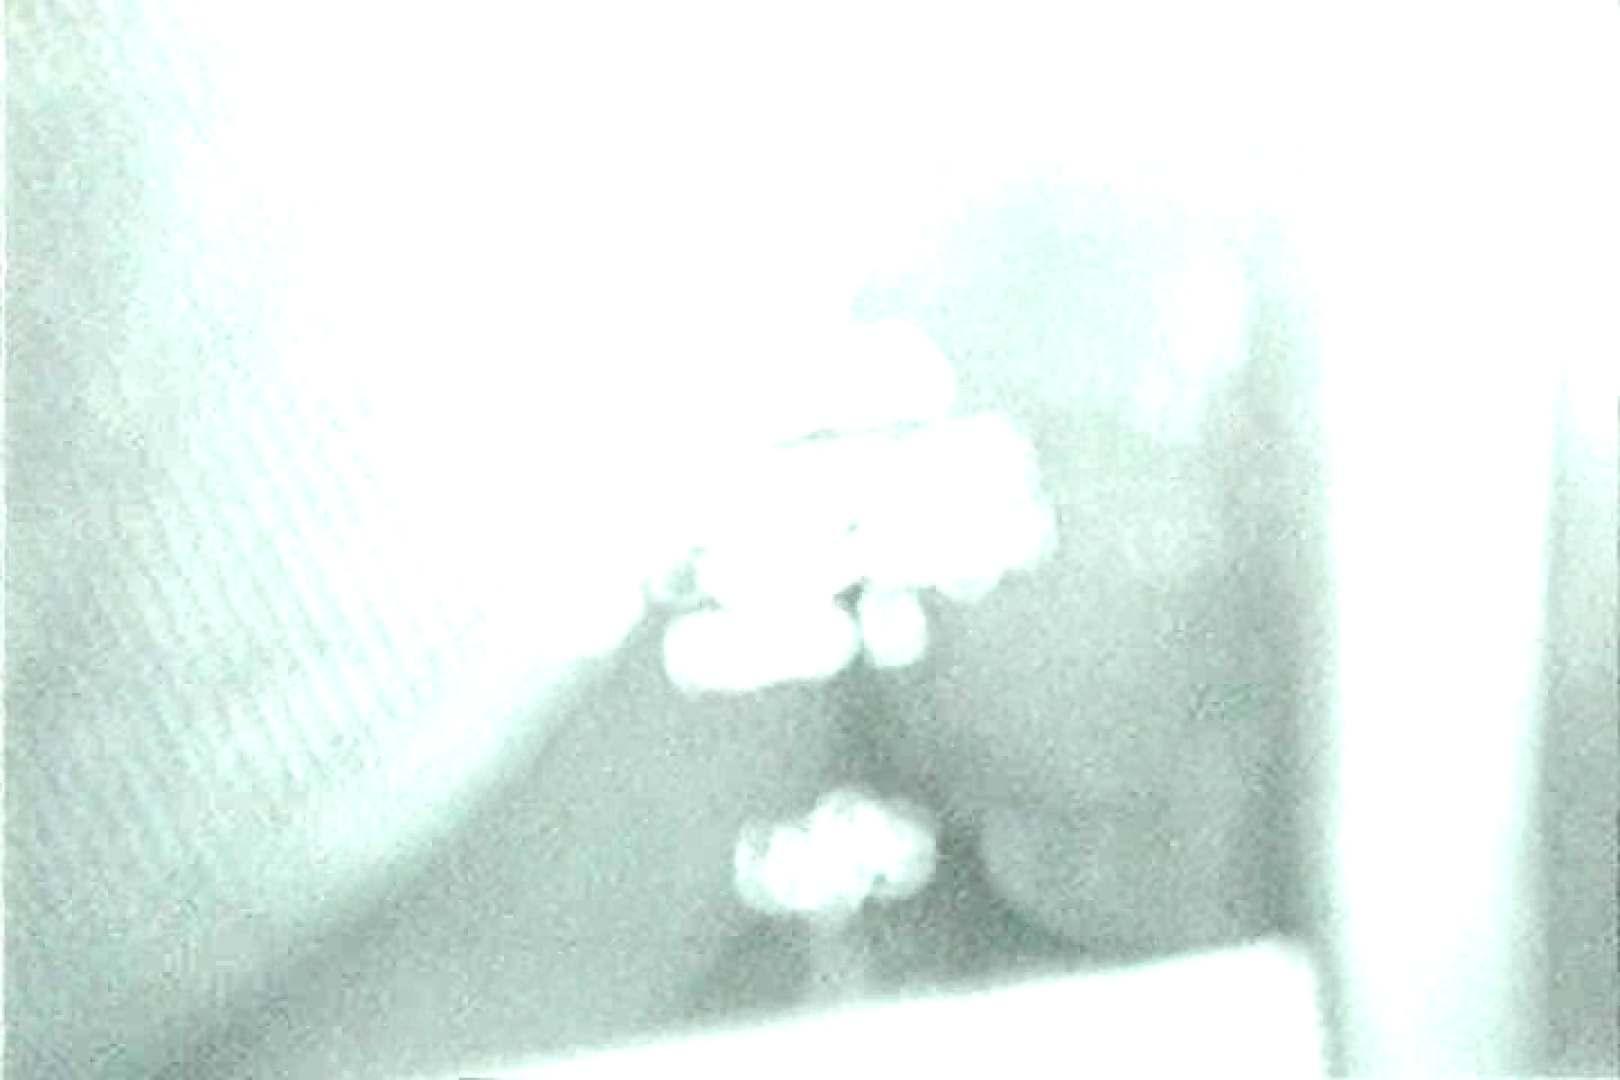 充血監督の深夜の運動会Vol.27 フェラチオシーン セックス無修正動画無料 78pic 22